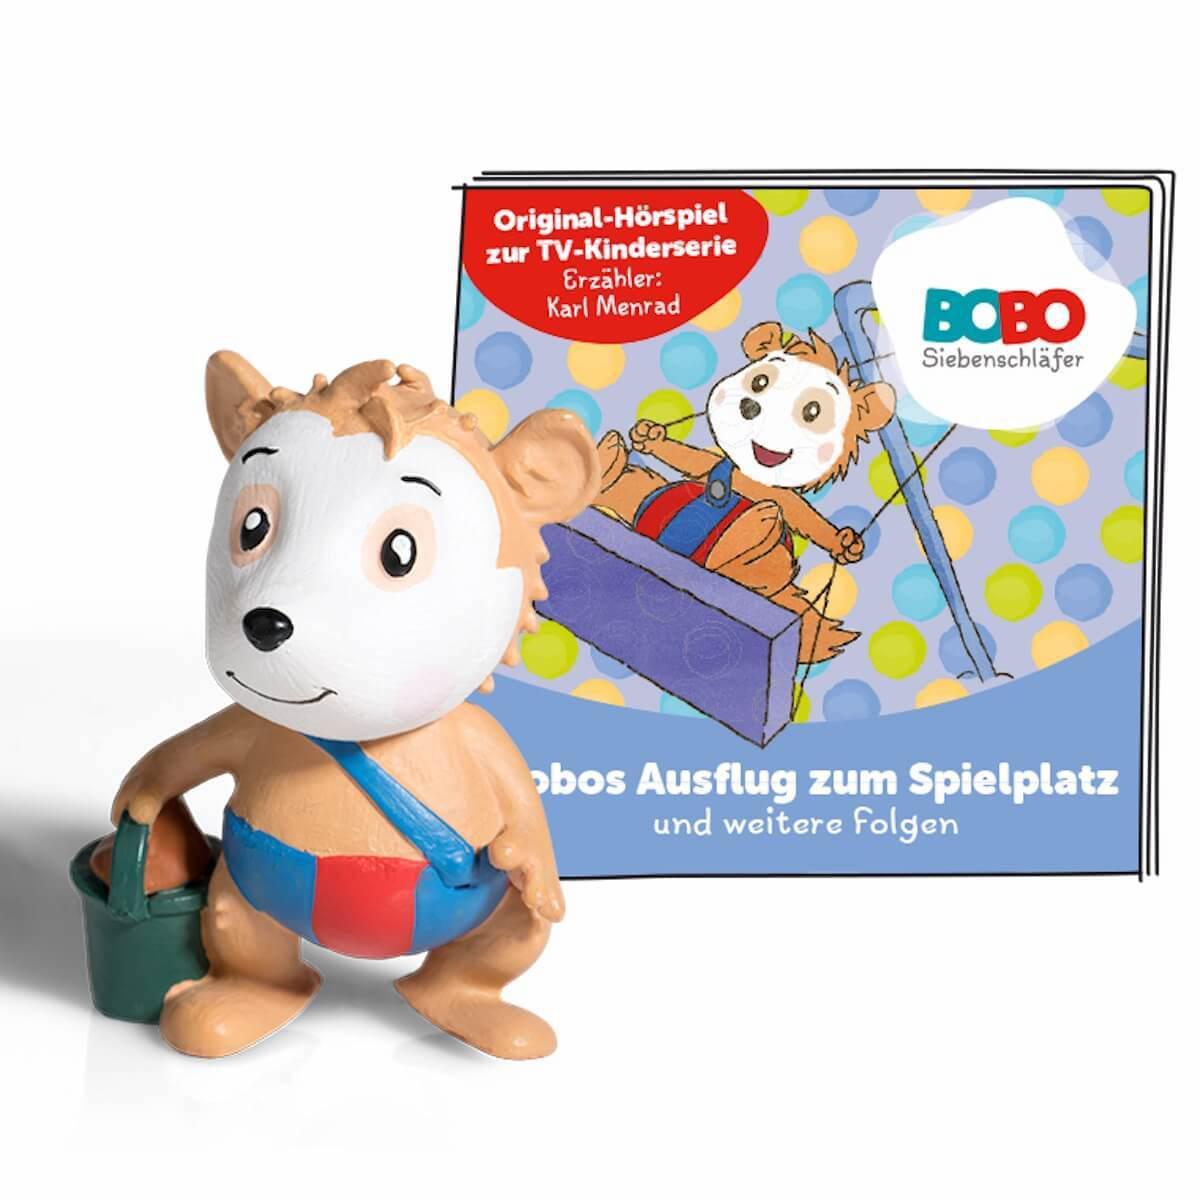 Hörspielfigur TONIES Bobo Siebenschläfer Ausflug zum Spielplatz